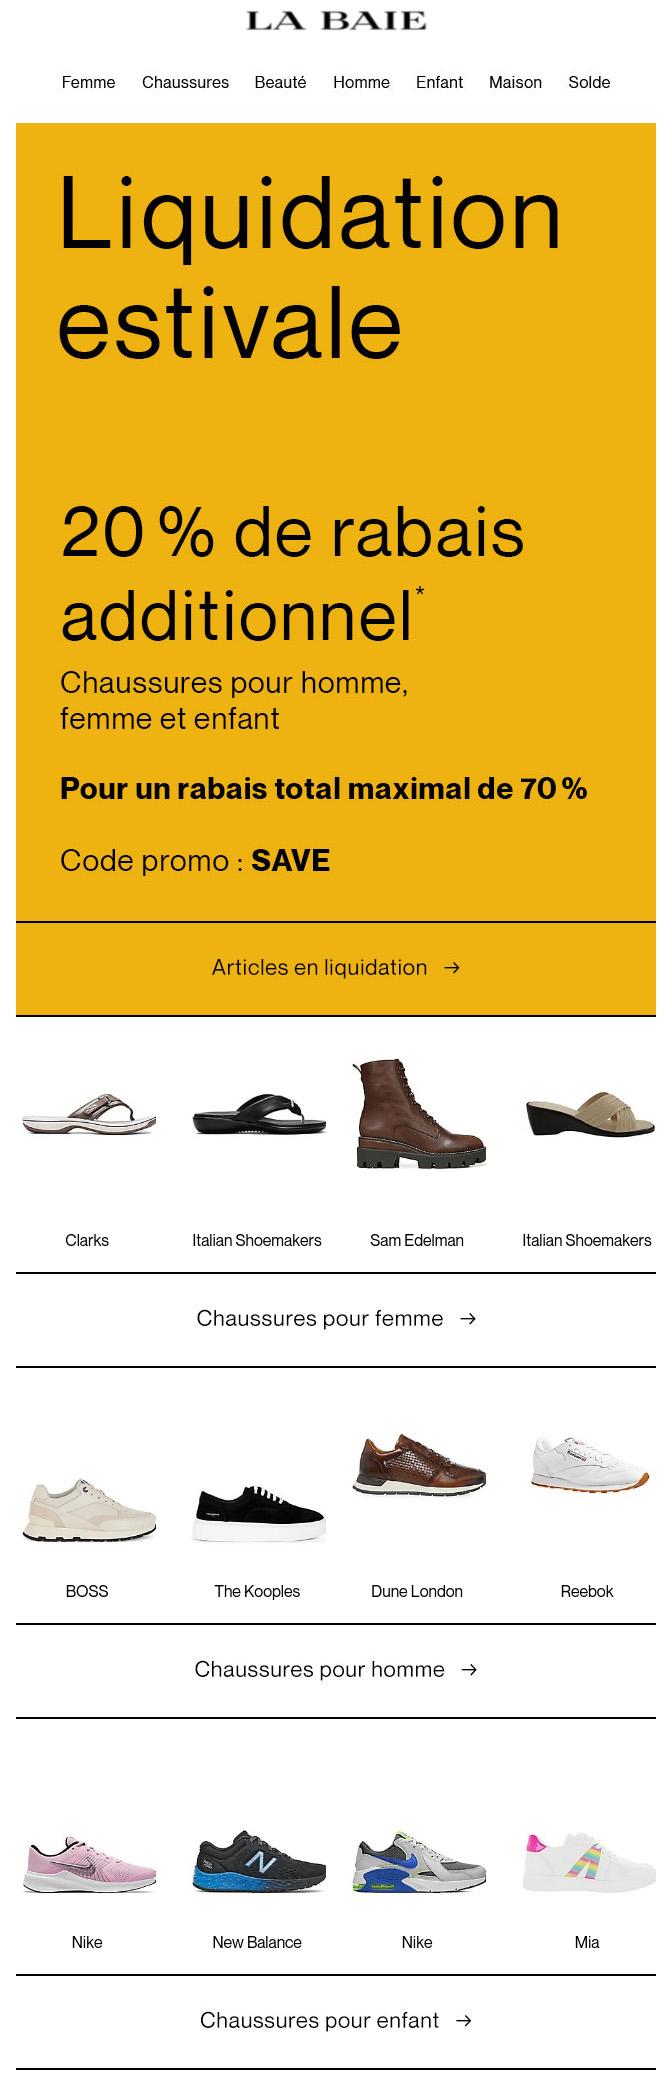 Liquidation Estivale De Chaussures : Jusqu